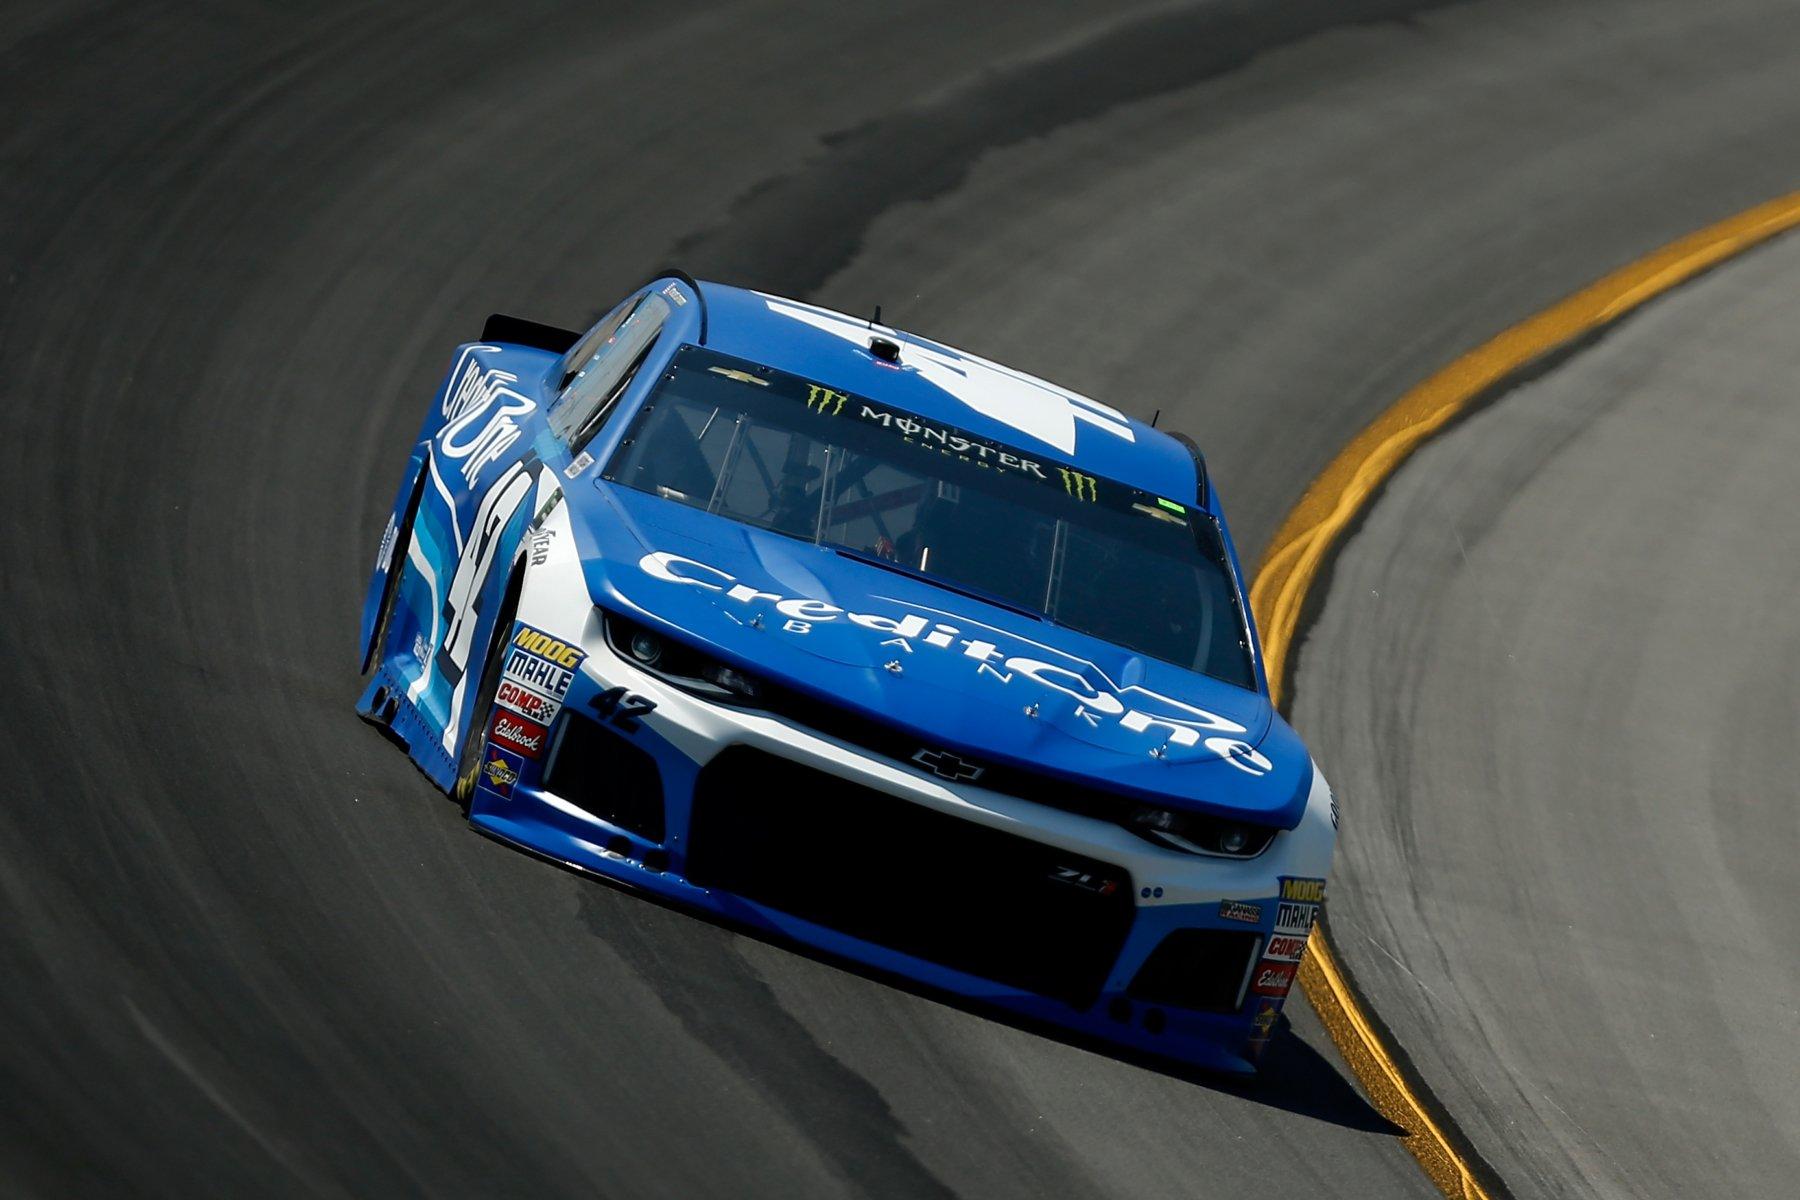 Kyle Larson at Kentucky Speedway